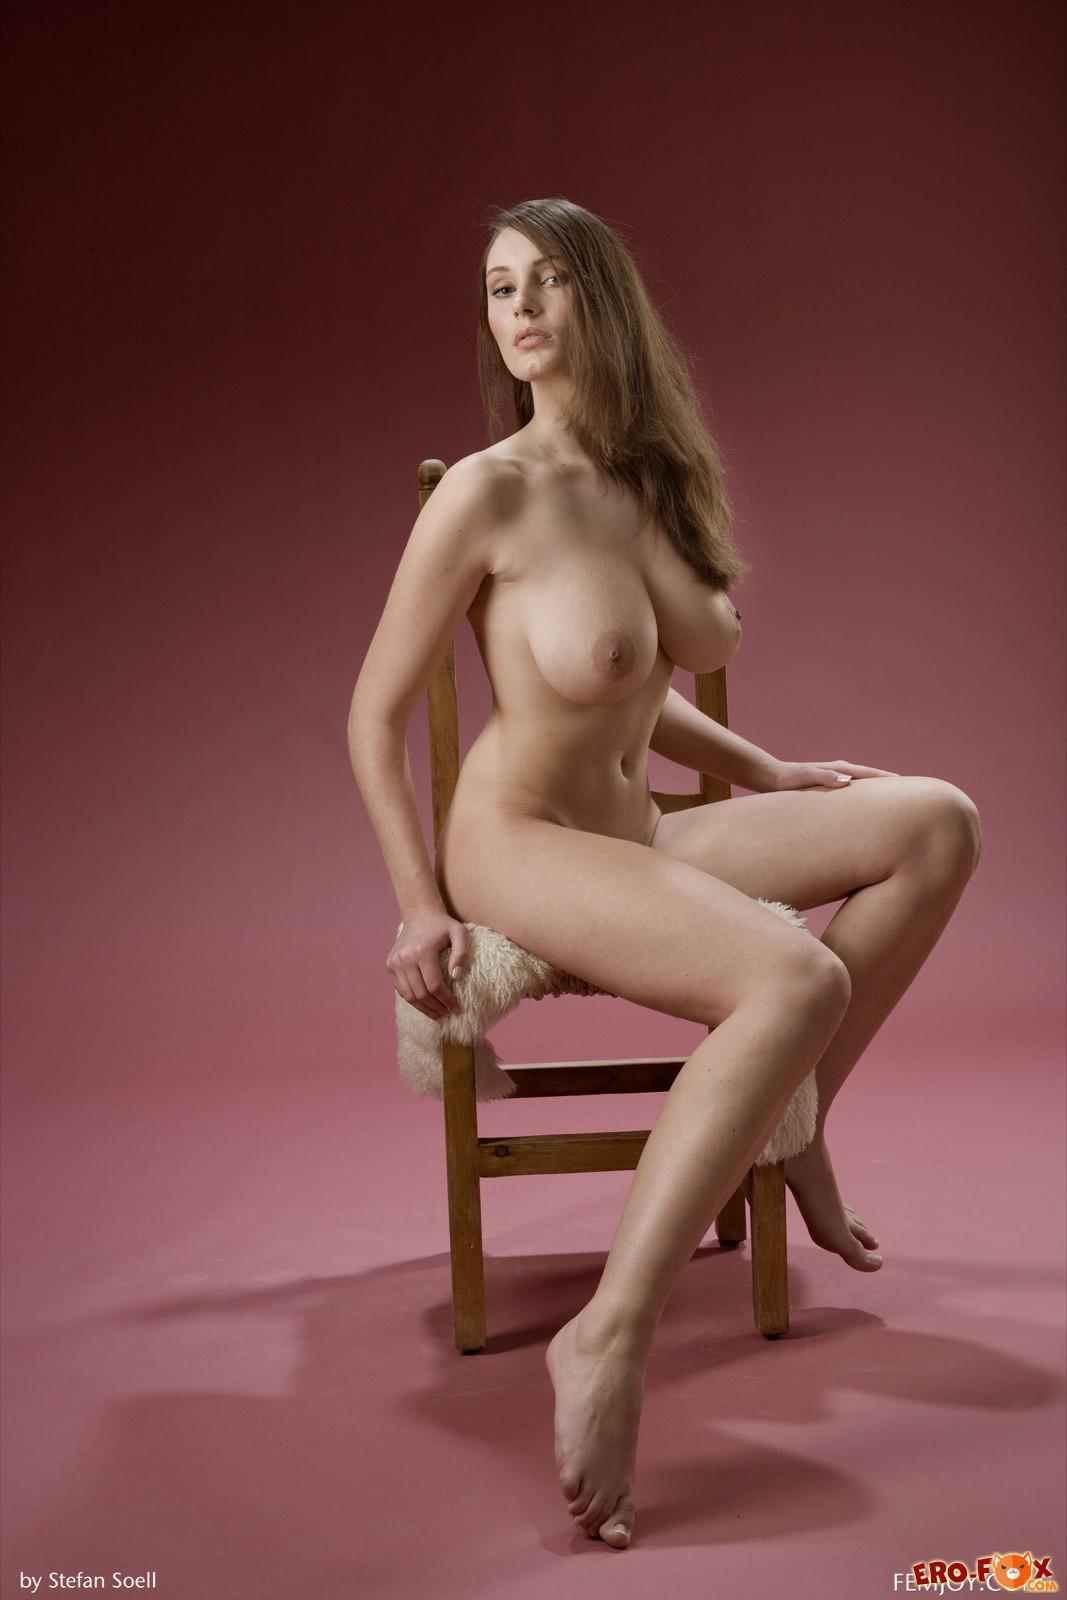 Голая девушка с огромной красивой грудью